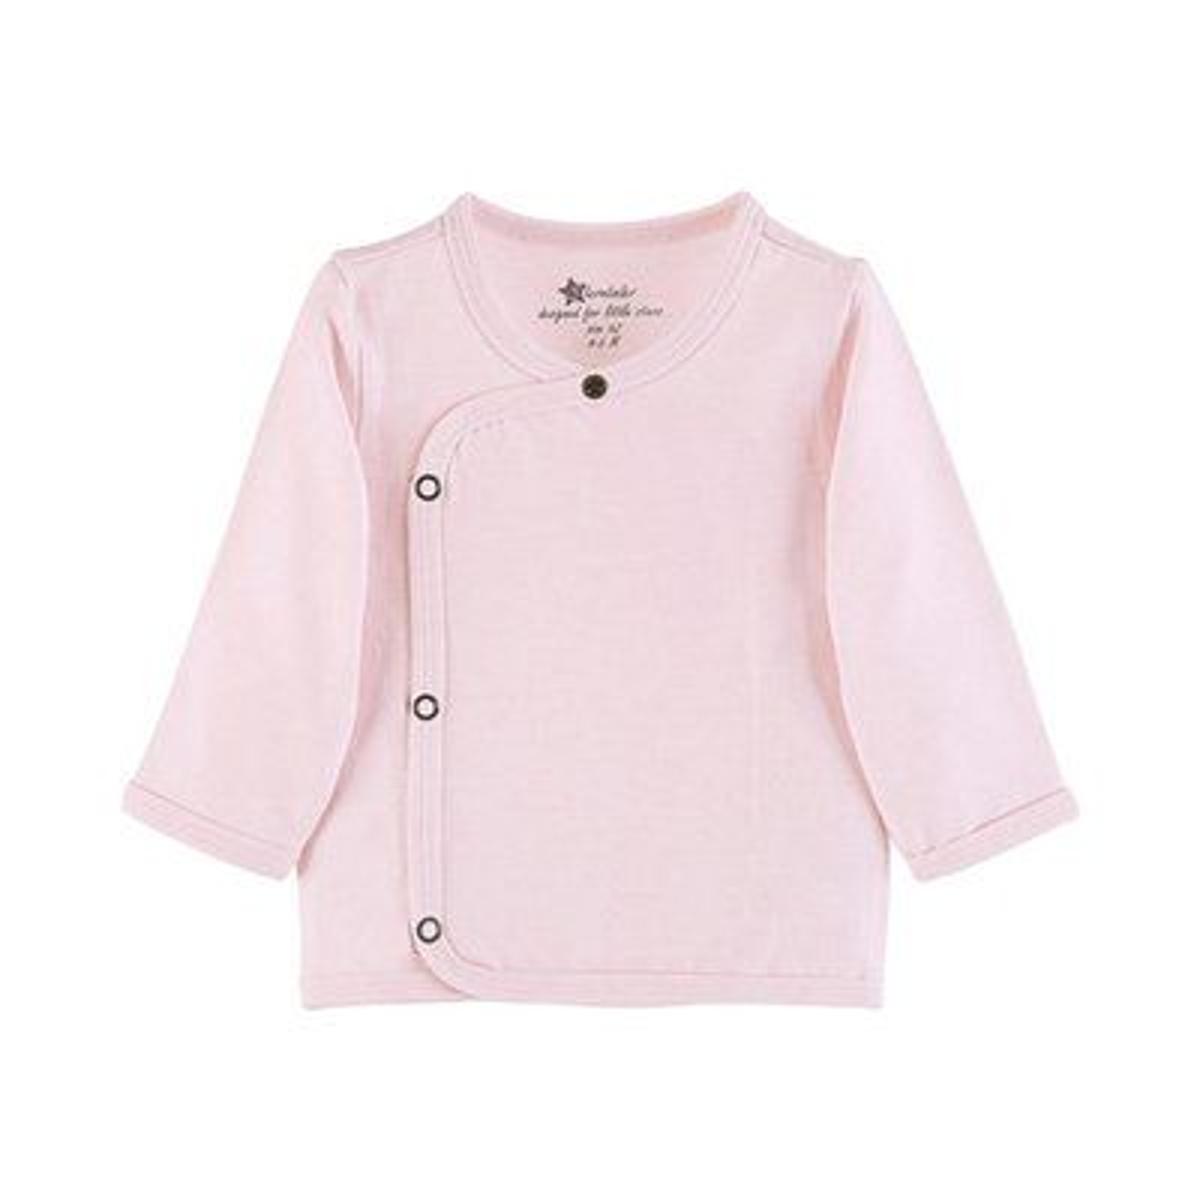 Sterntaler Brassière veste bébé vêtements bébé